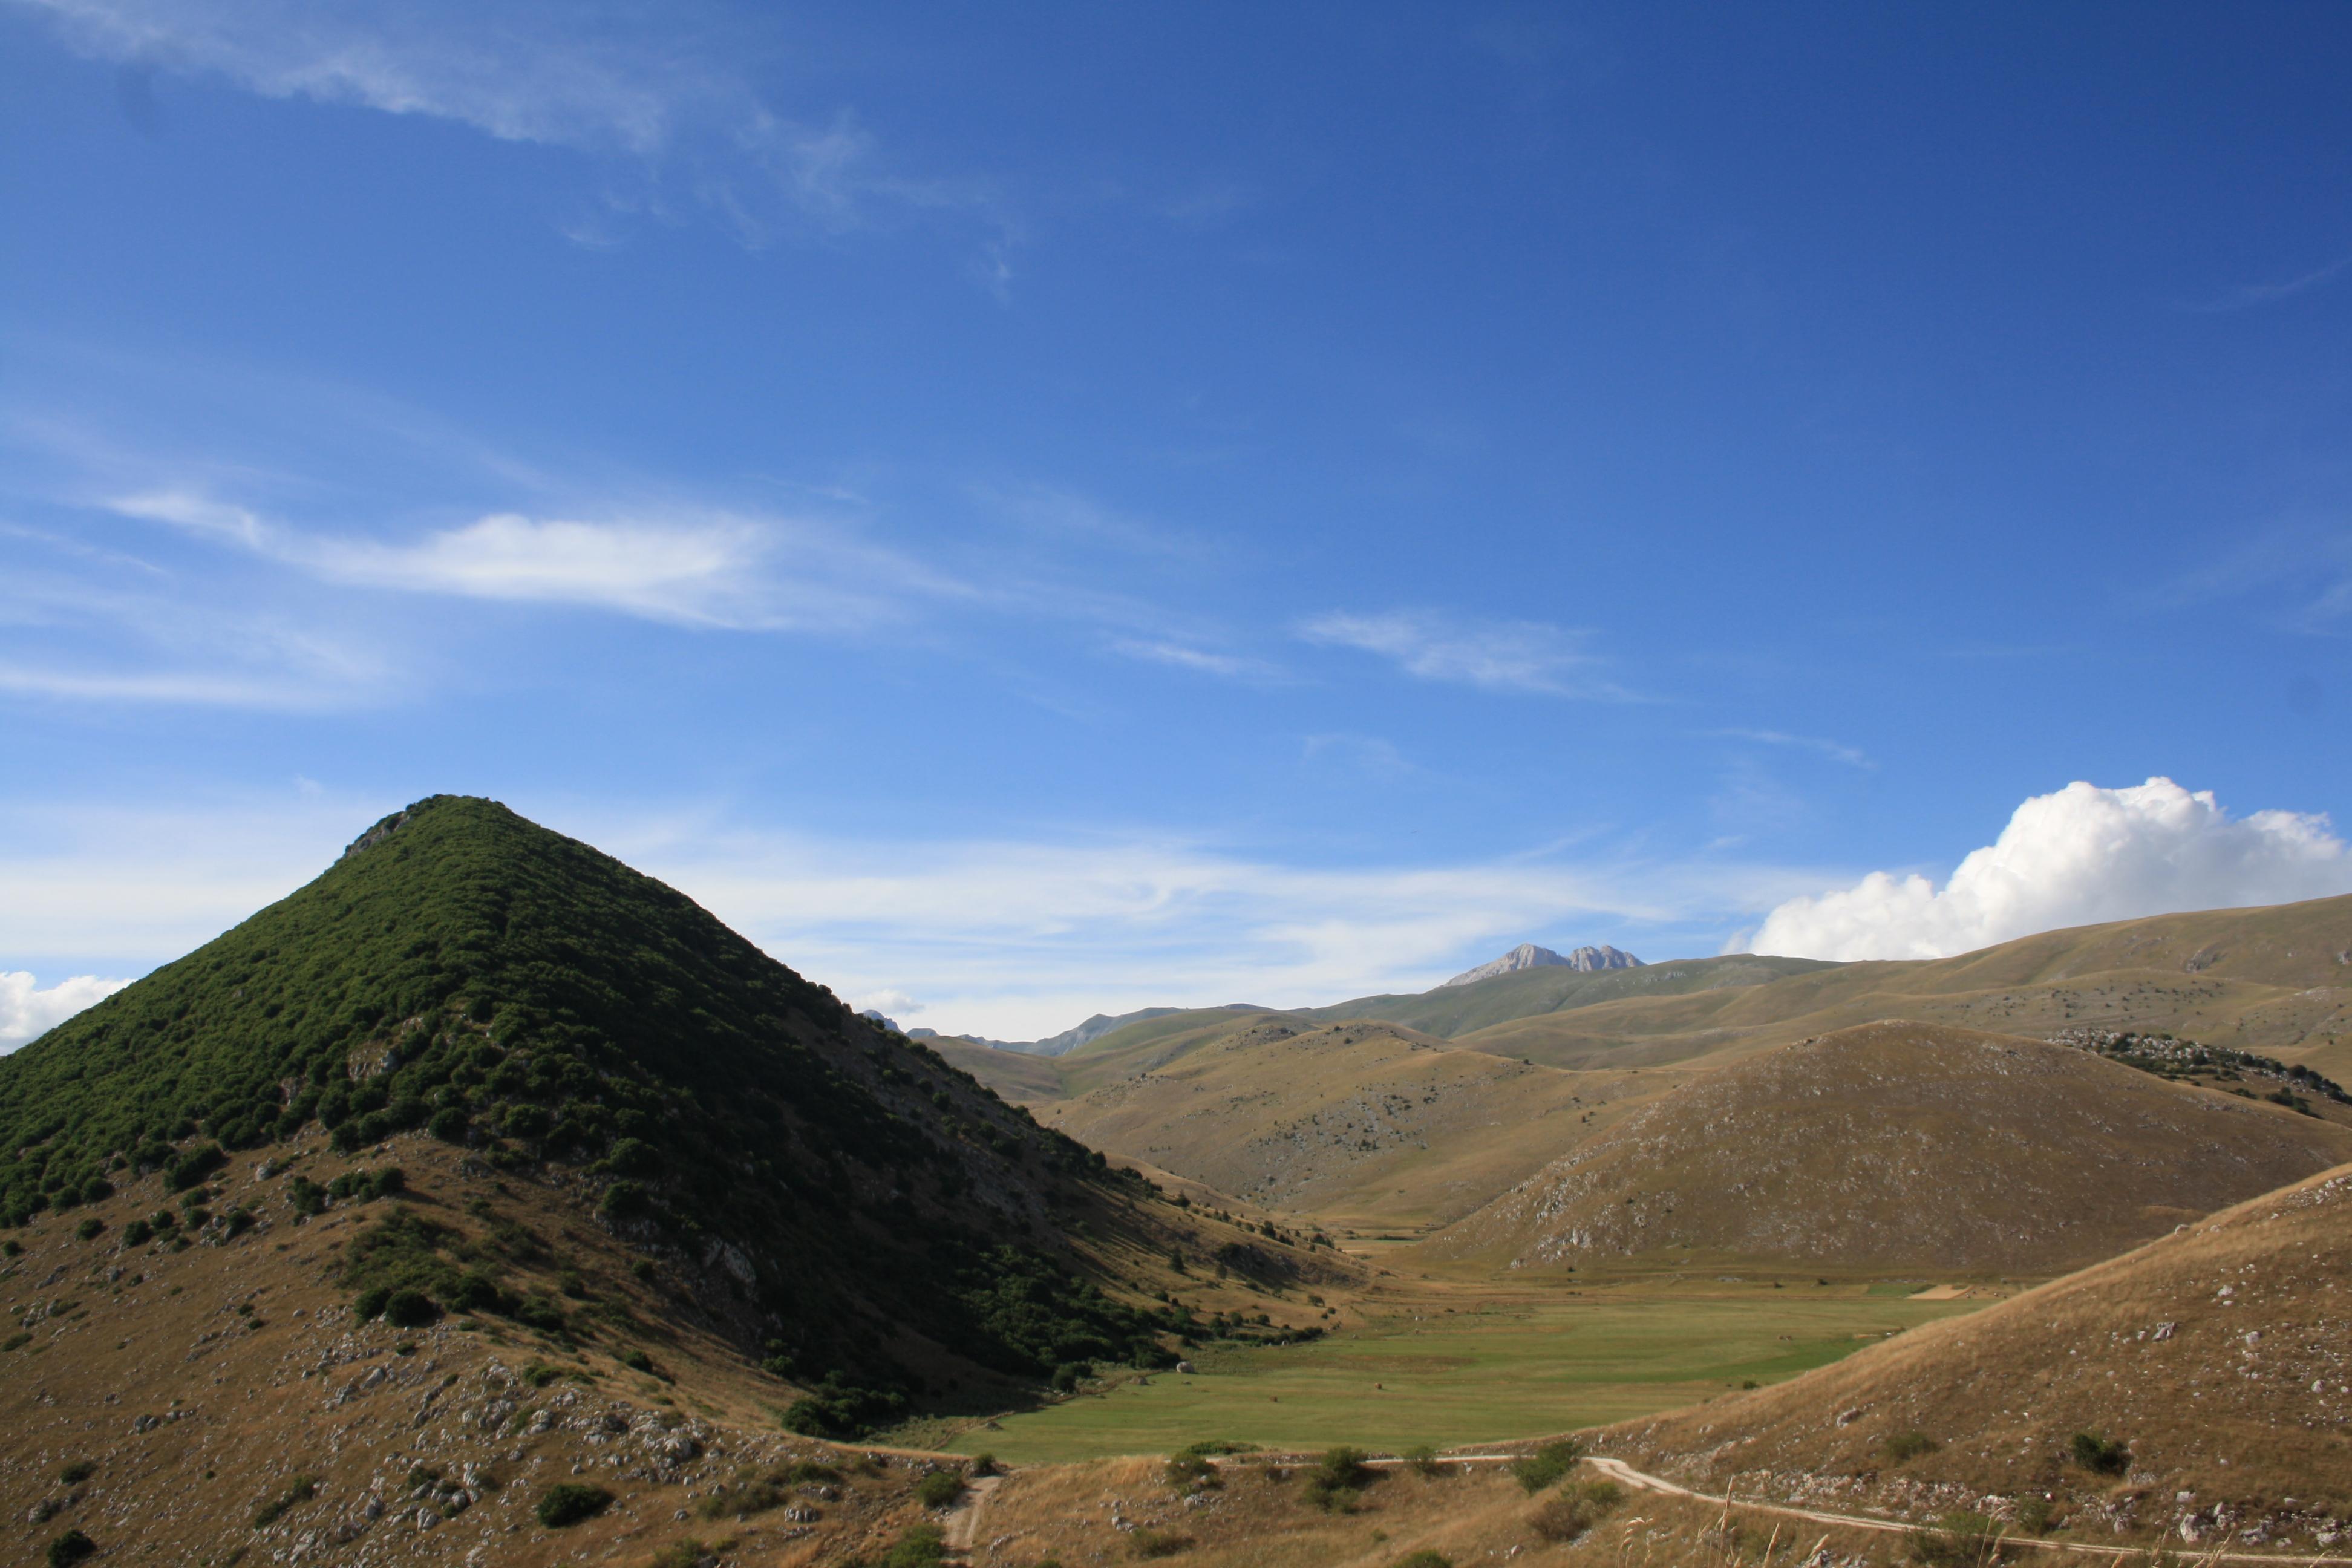 Il Parco Nazionale del Gran Sasso e Monti della Laga, vicino a Santo Stefano di Sessanio